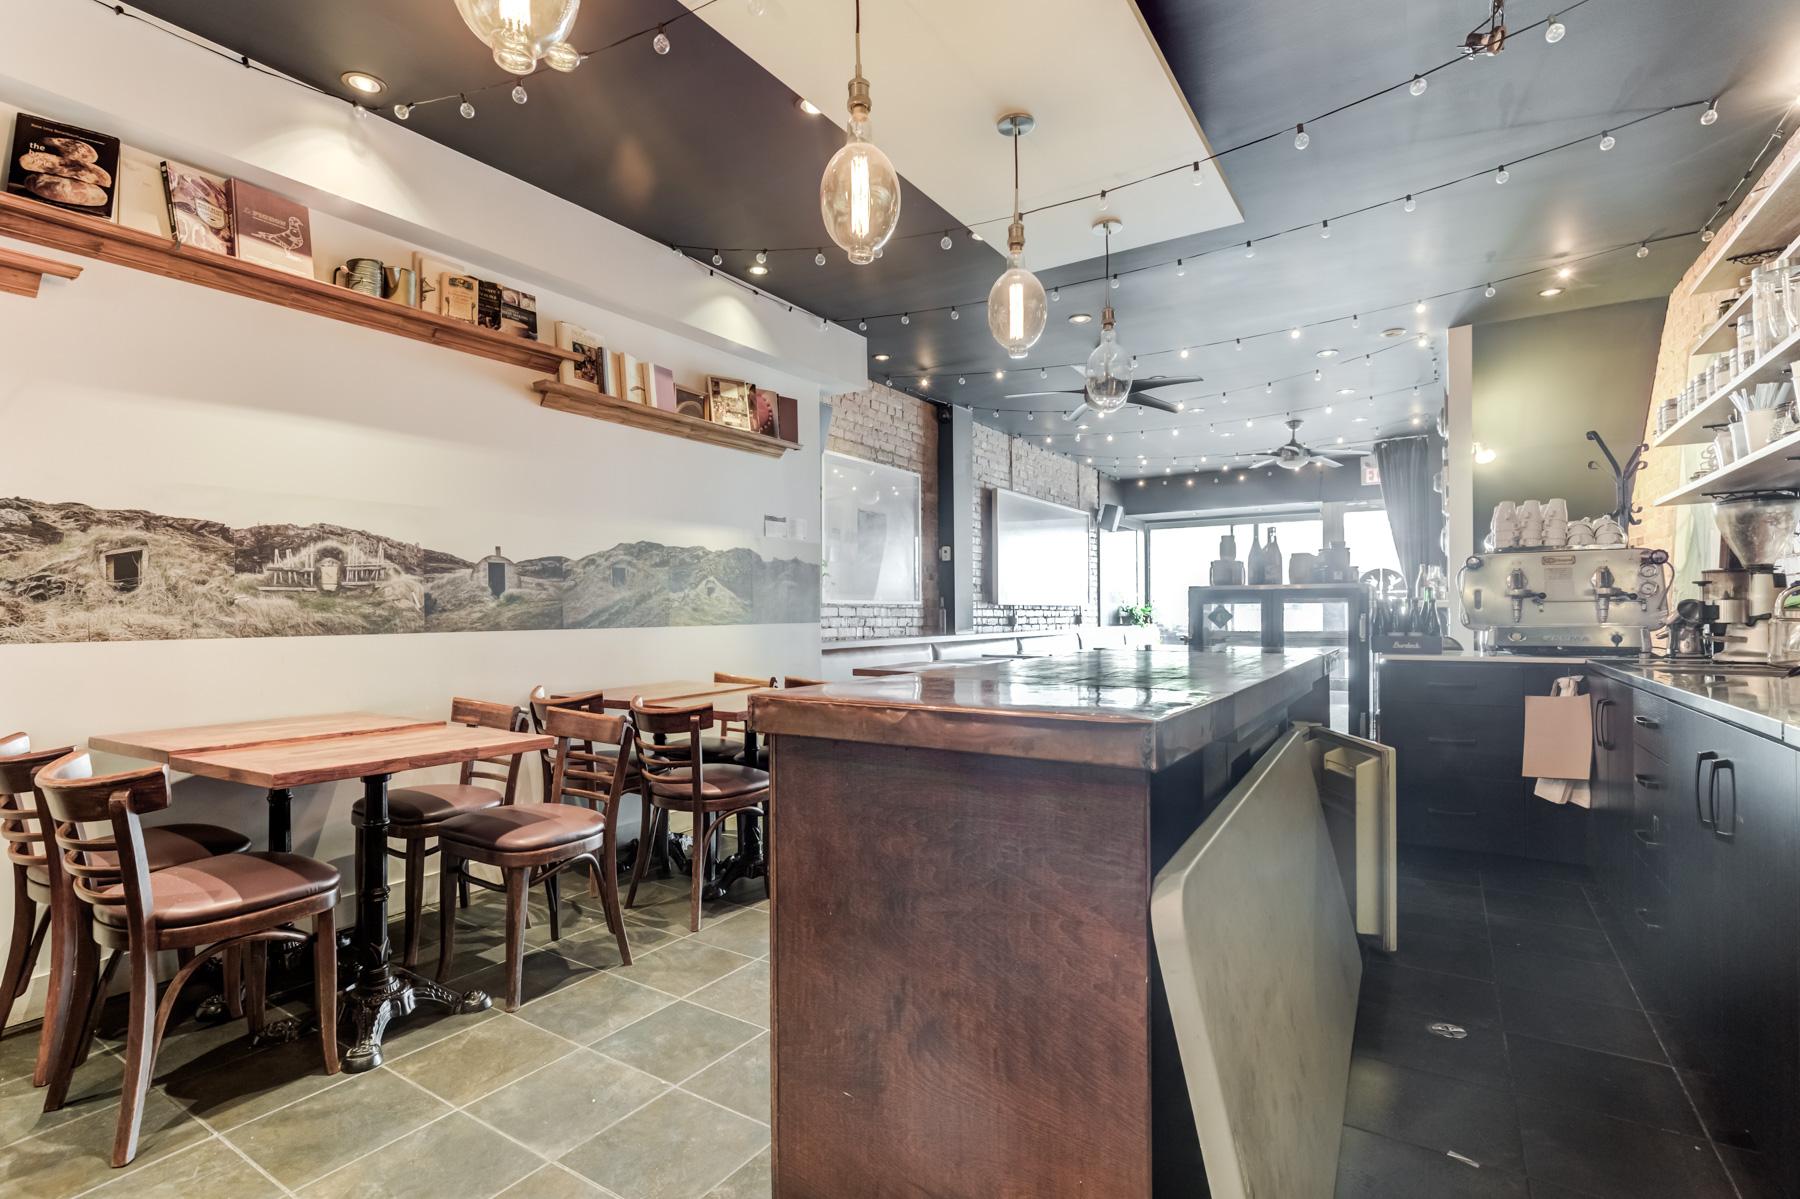 Empty interior of Fiorentina restaurant.